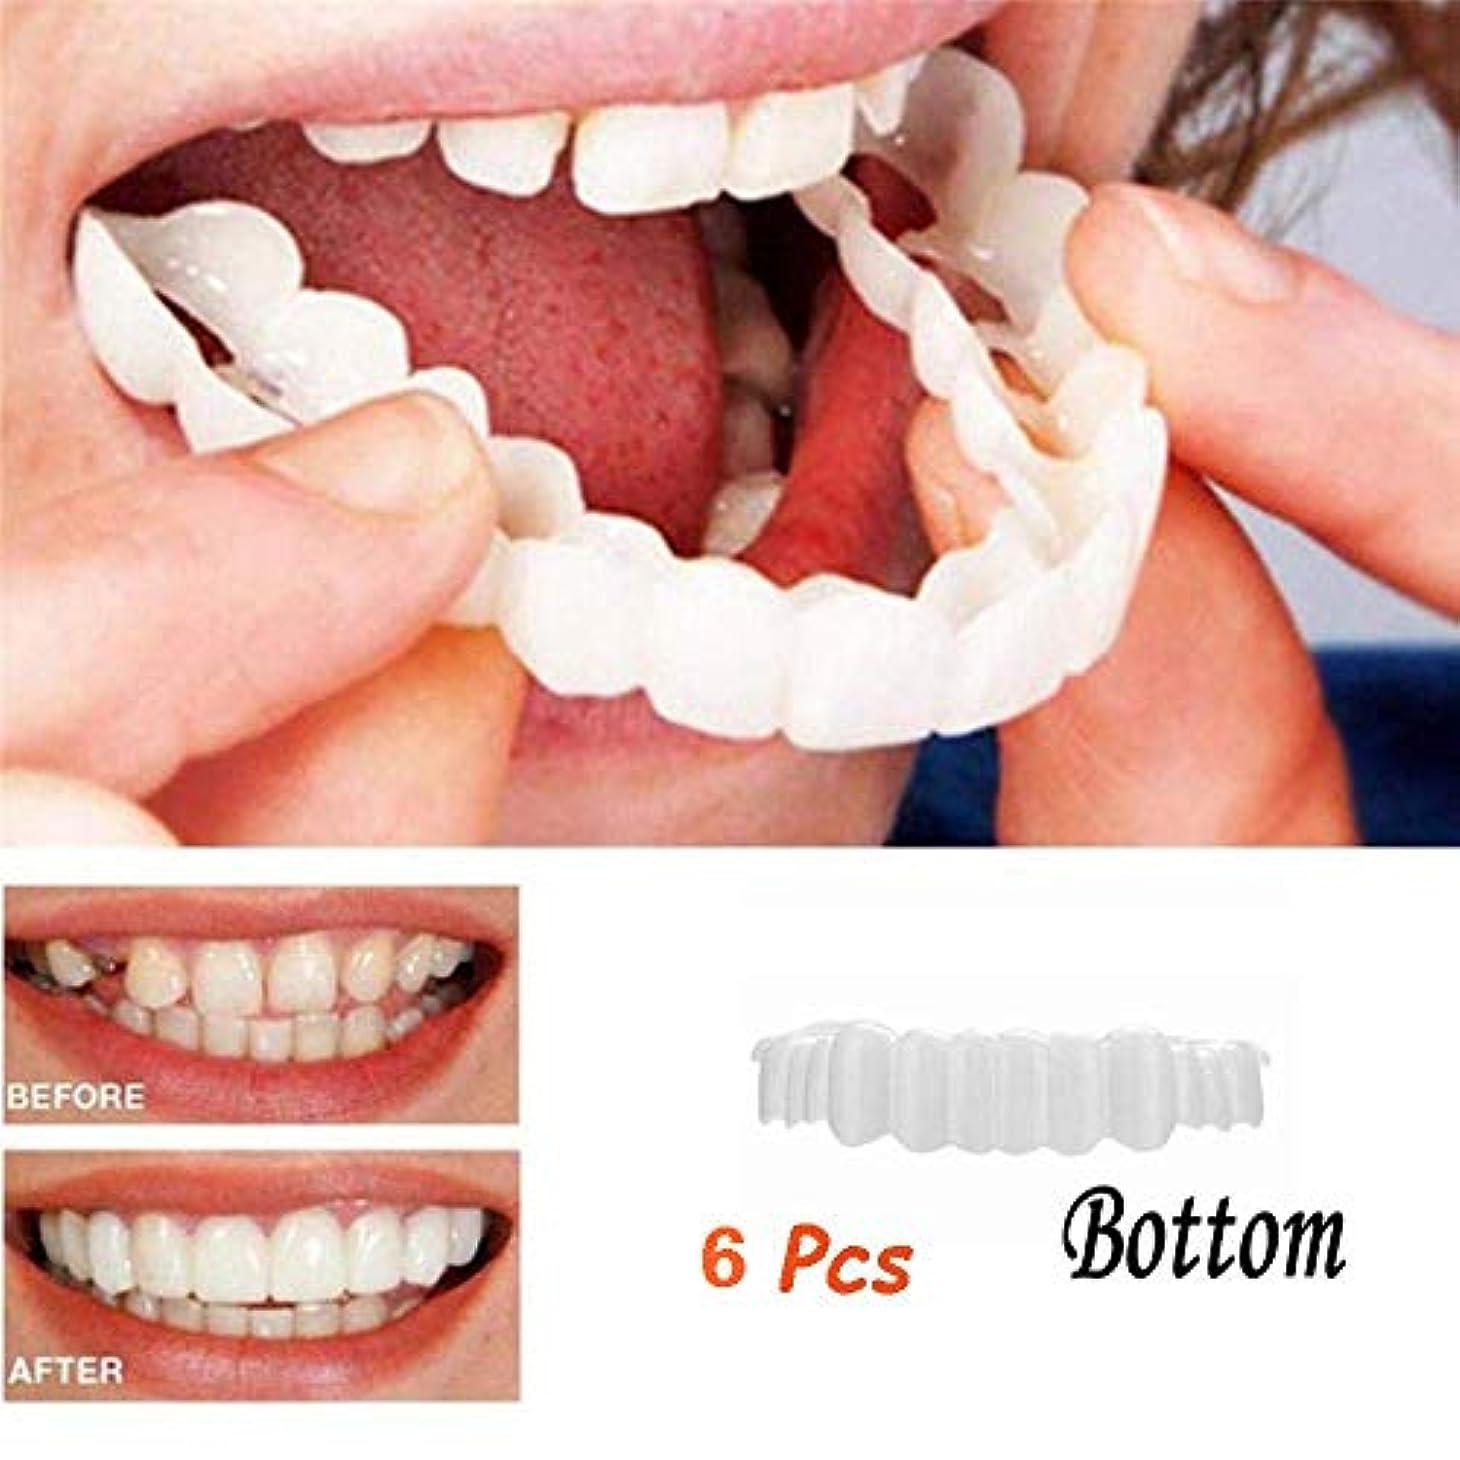 微弱時計たとえ6本底化粧品の歯の快適さフィットフレックス化粧品の歯義歯歯低歯のホワイトニングスナップオンインスタント笑顔サイズフィット